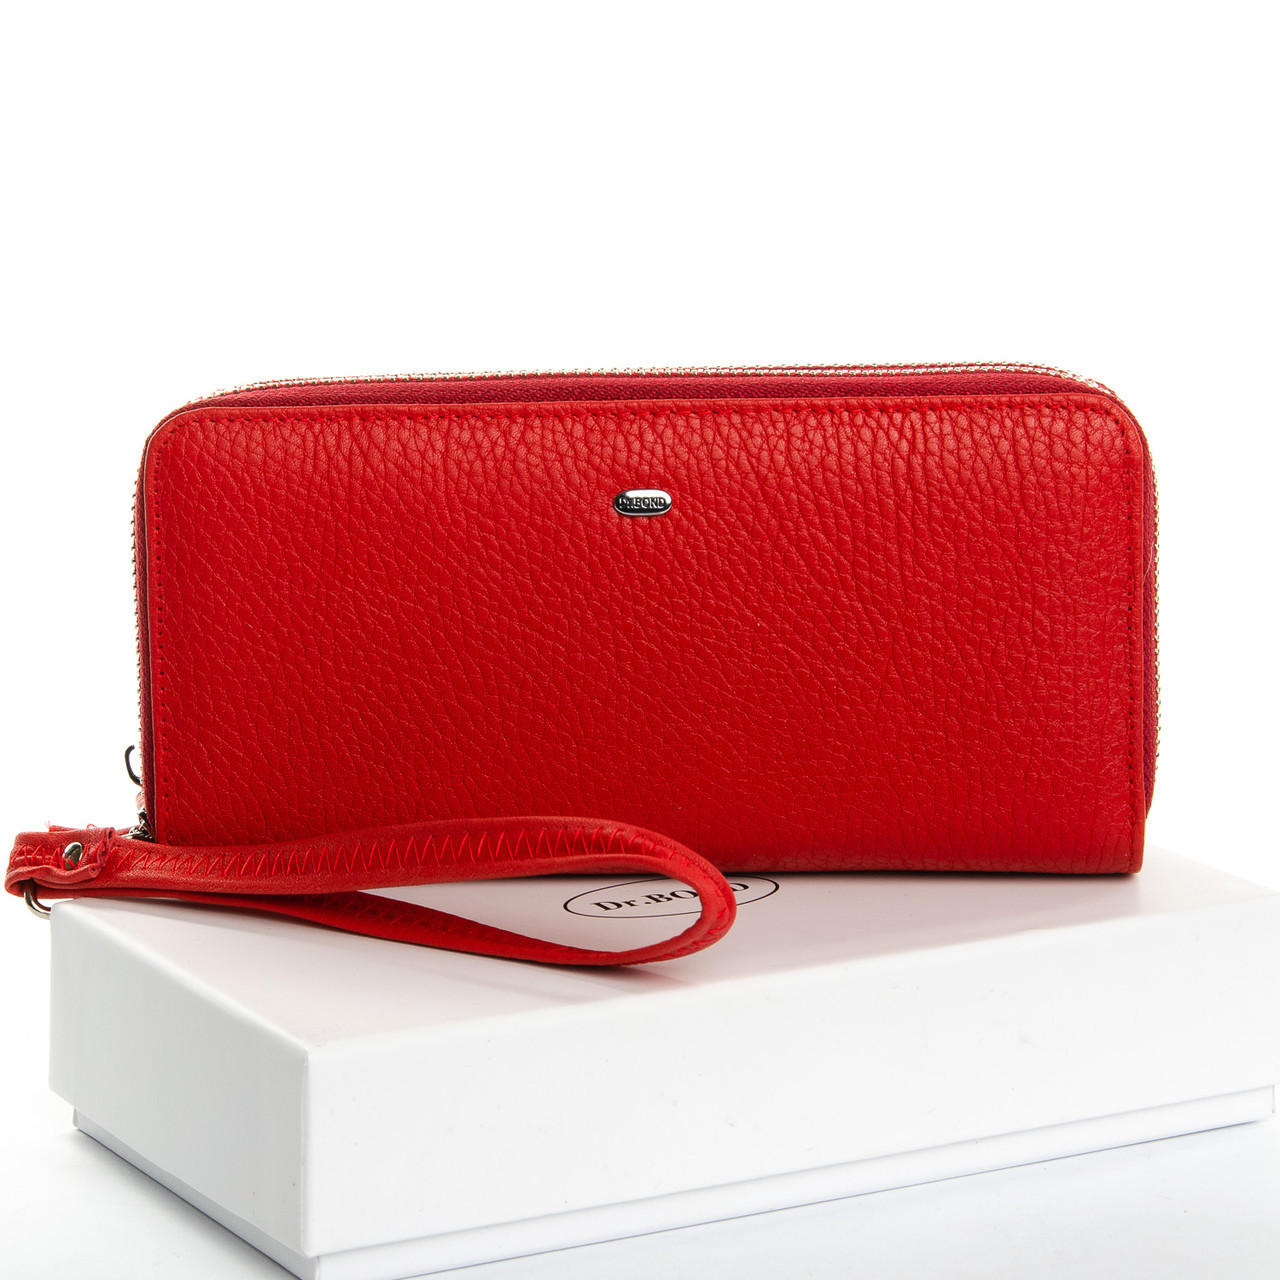 Великий гаманець клатч з натуральної шкіри DR. BOND різні кольори 3650